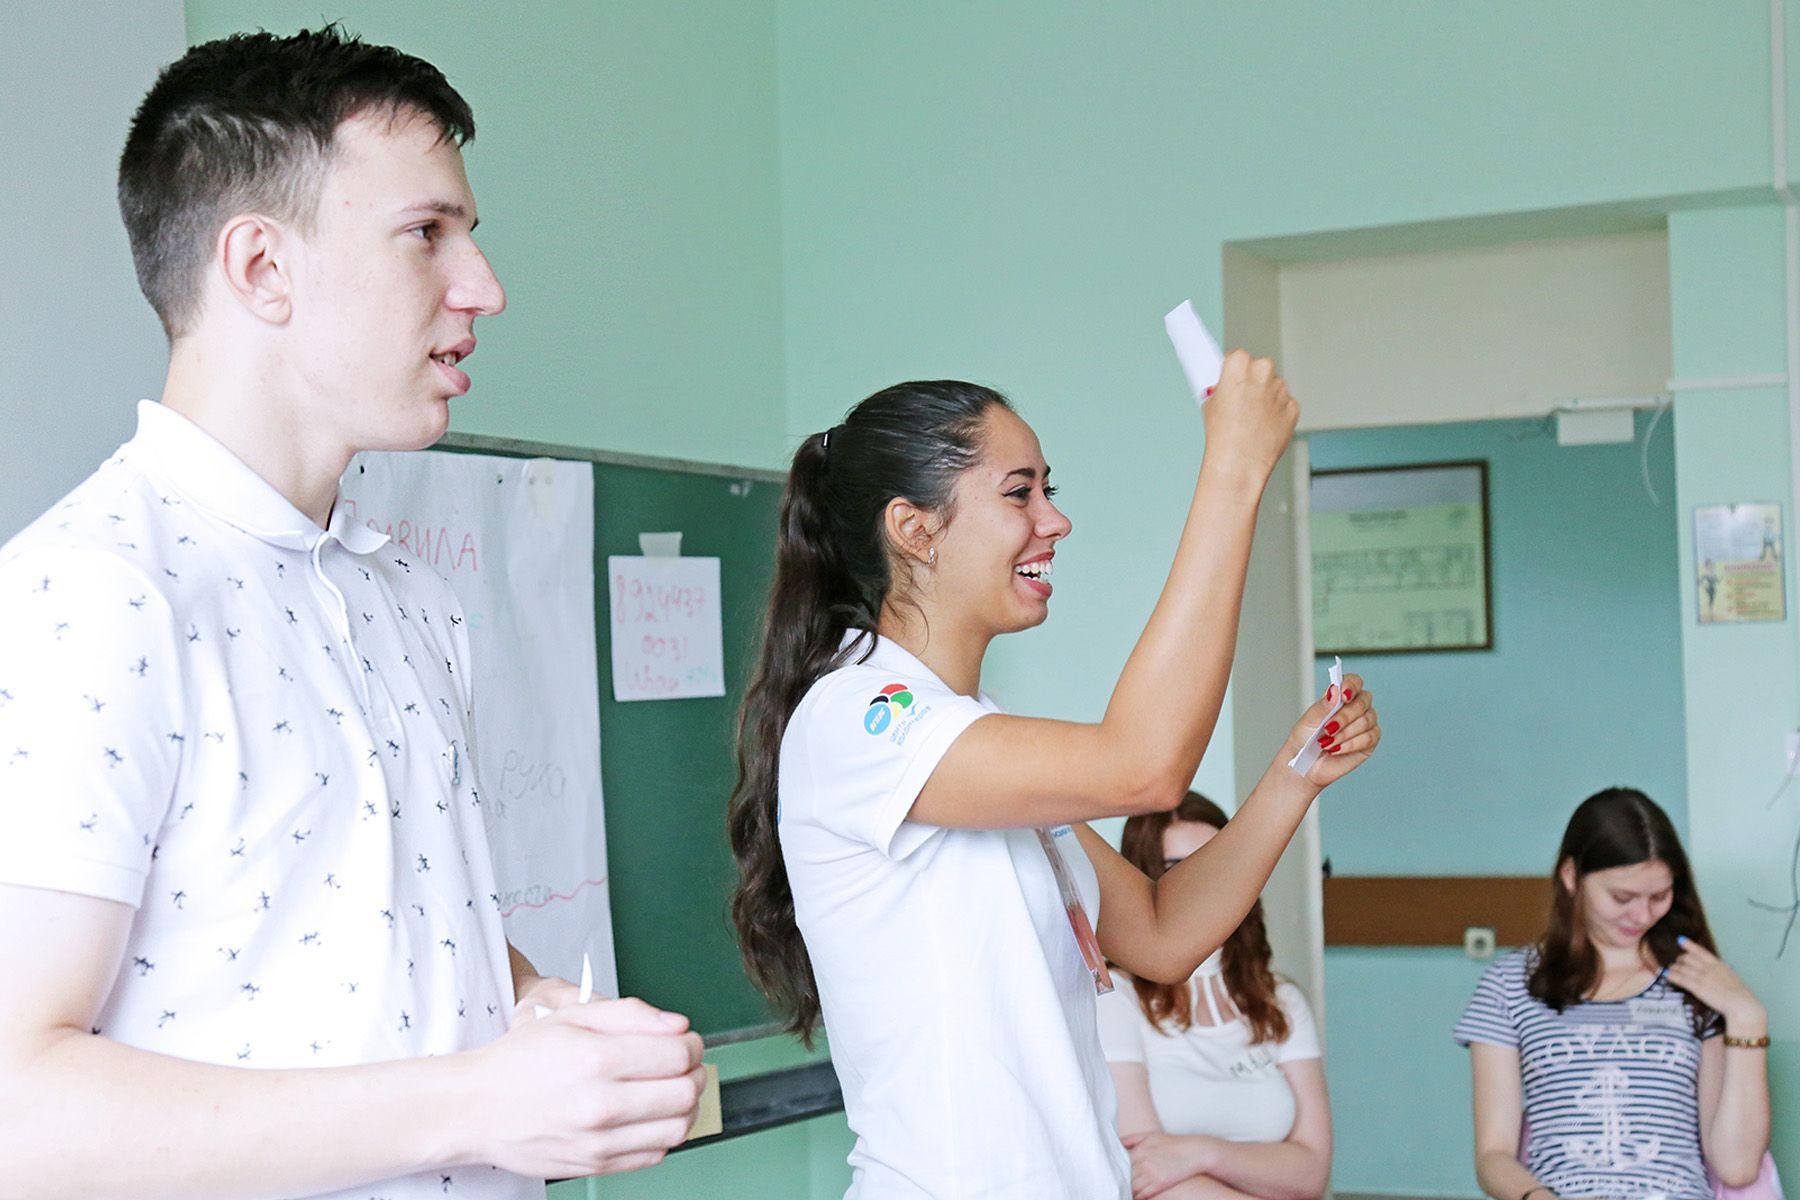 «Психология общения». Первокурсников сближают тренинги во ВГУЭС